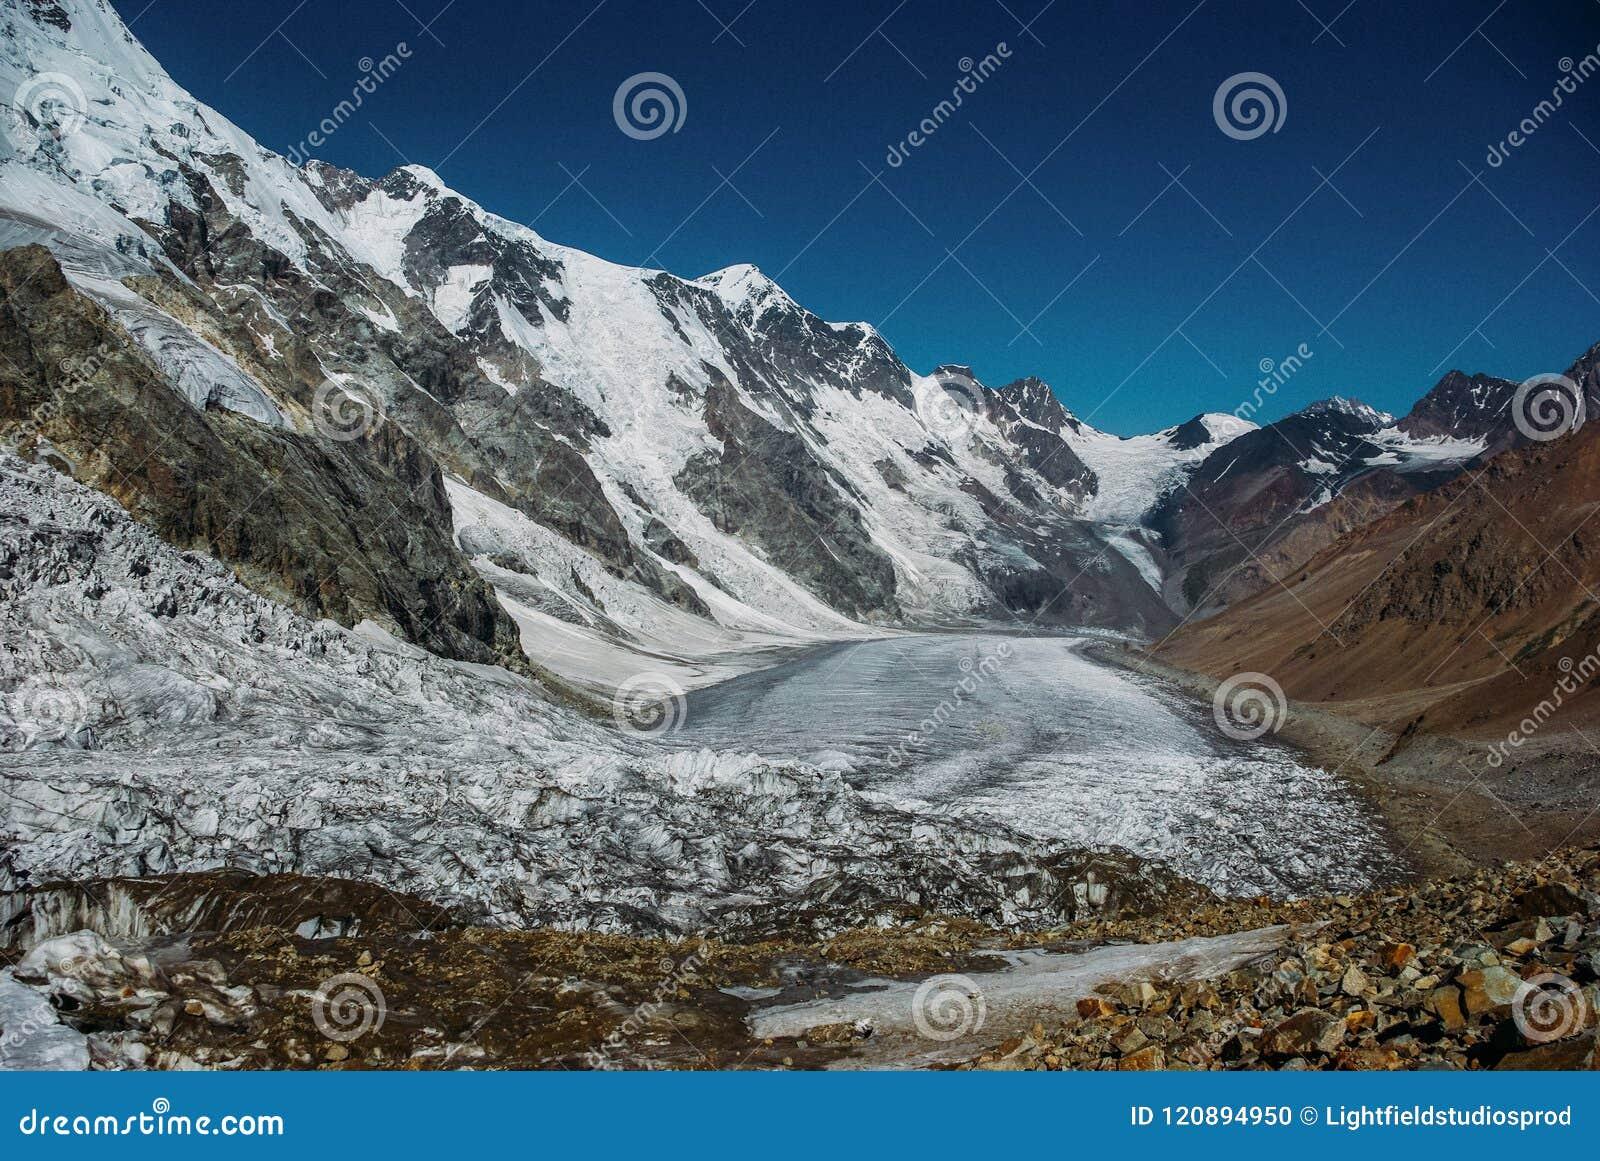 όμορφα χιονώδη βουνά, Ρωσική Ομοσπονδία, Καύκασος,